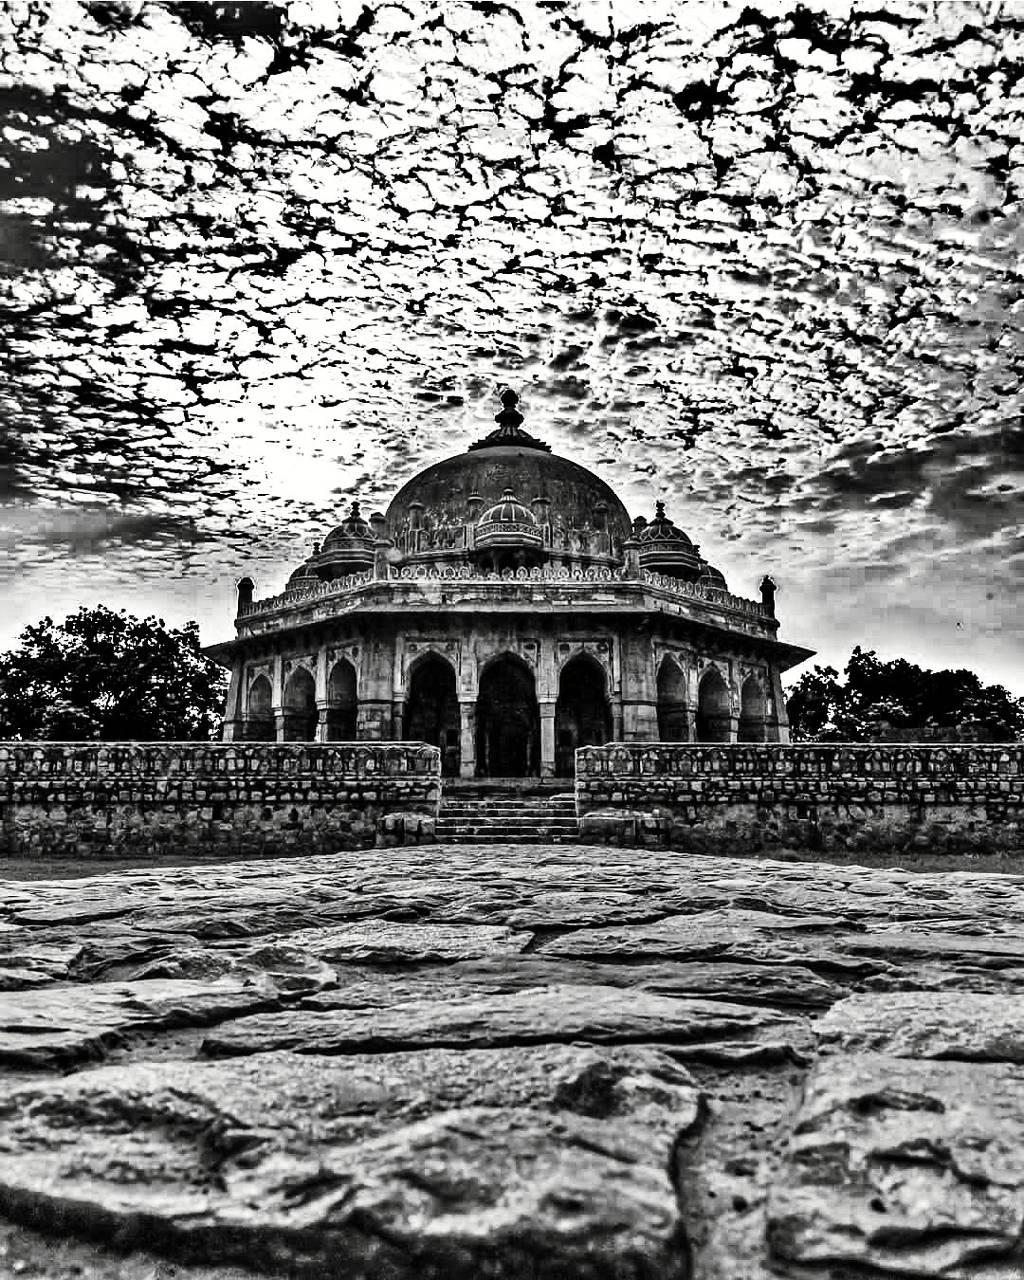 Sahil photography